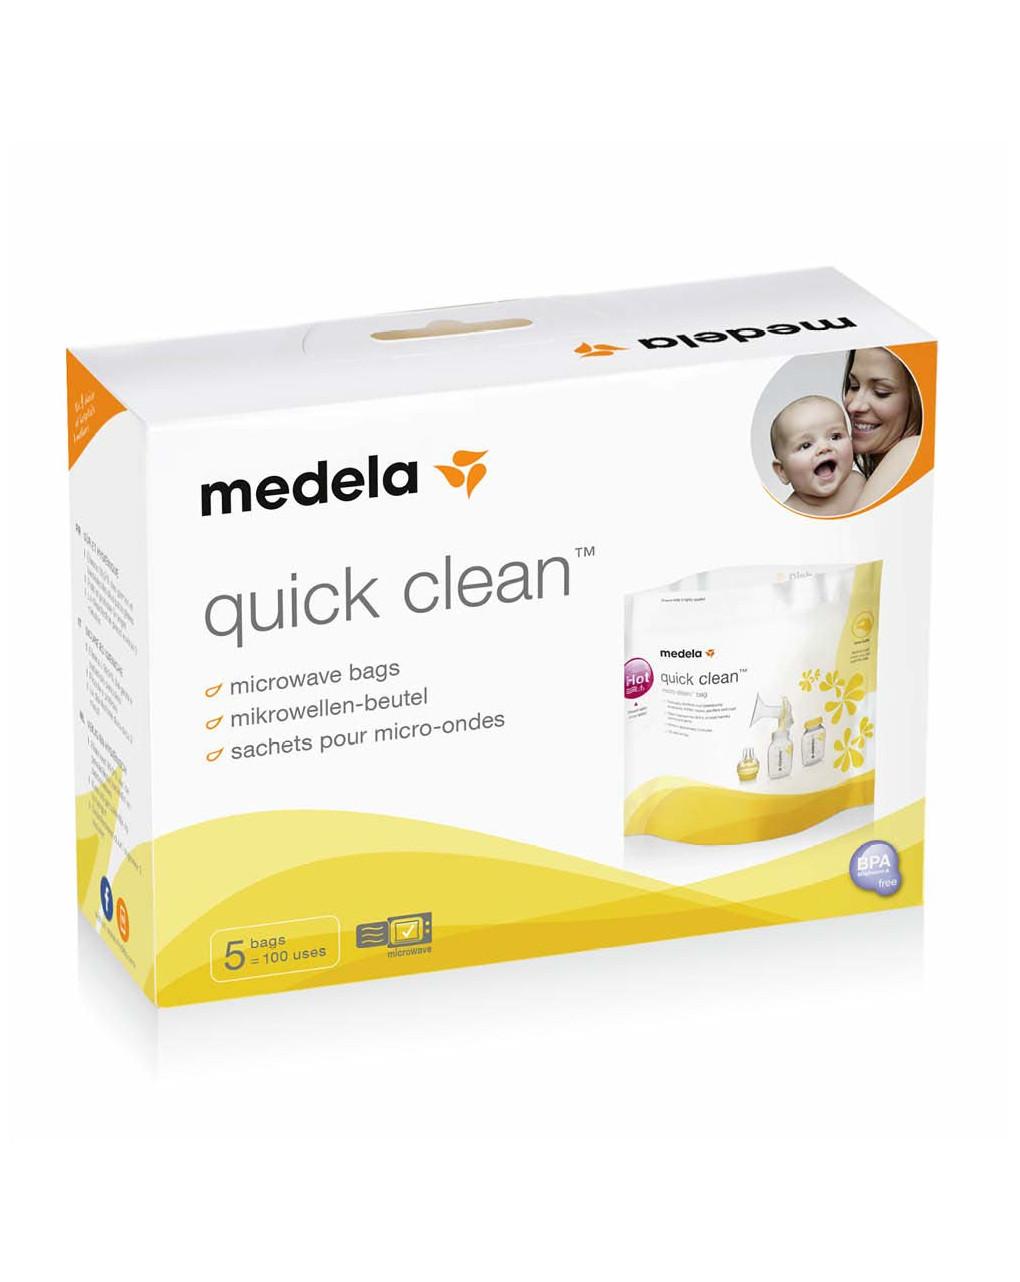 Sacche per sterilizzazione in microonde quick clean - Medela